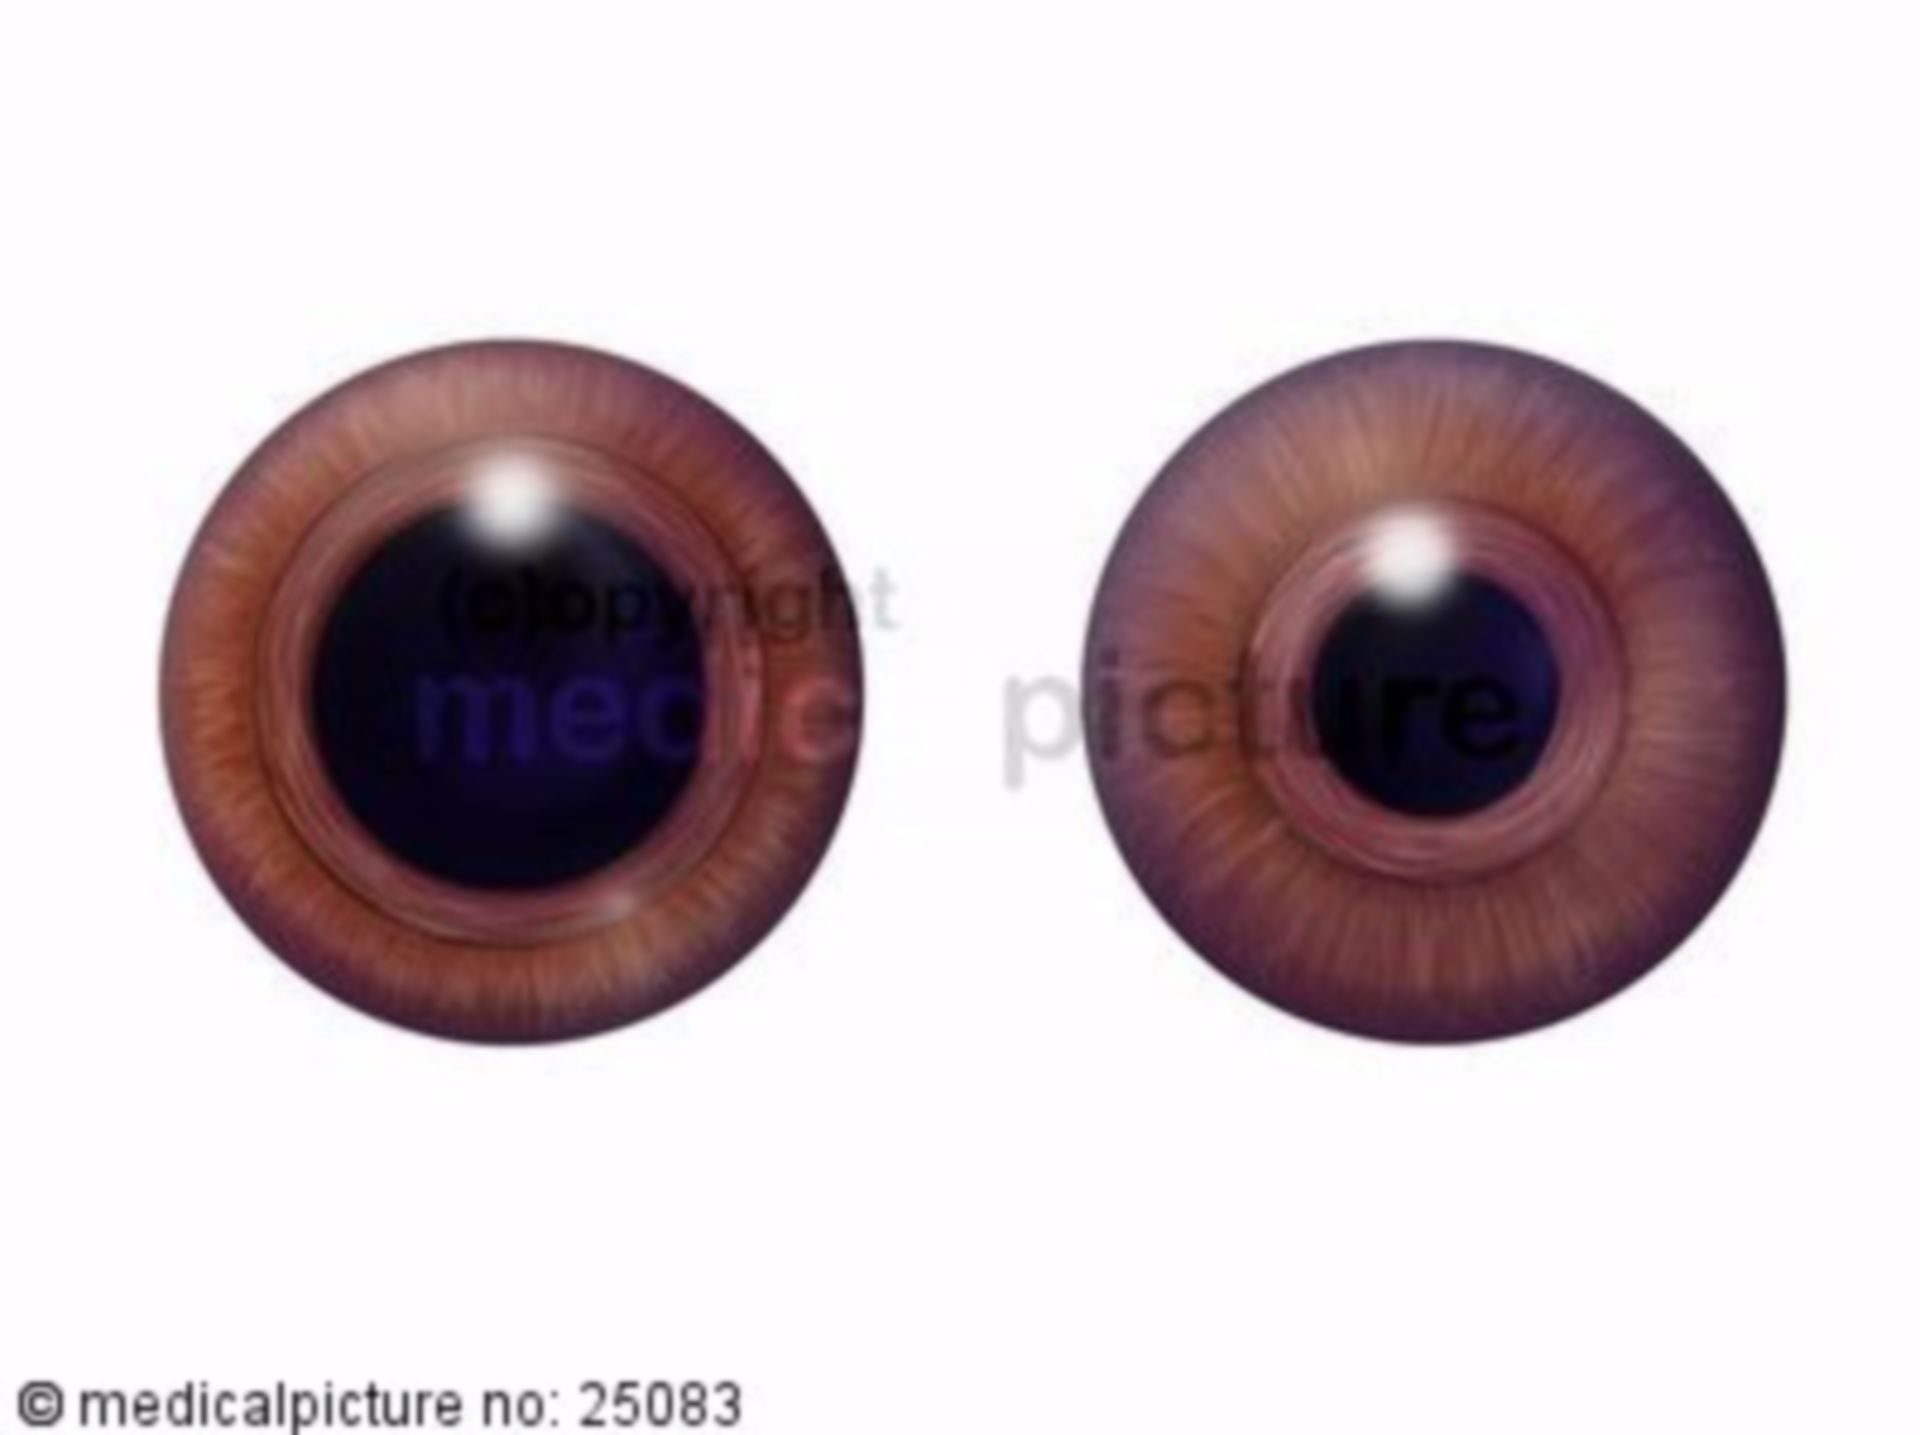 Pupil, pupil dilation, pupil constriction